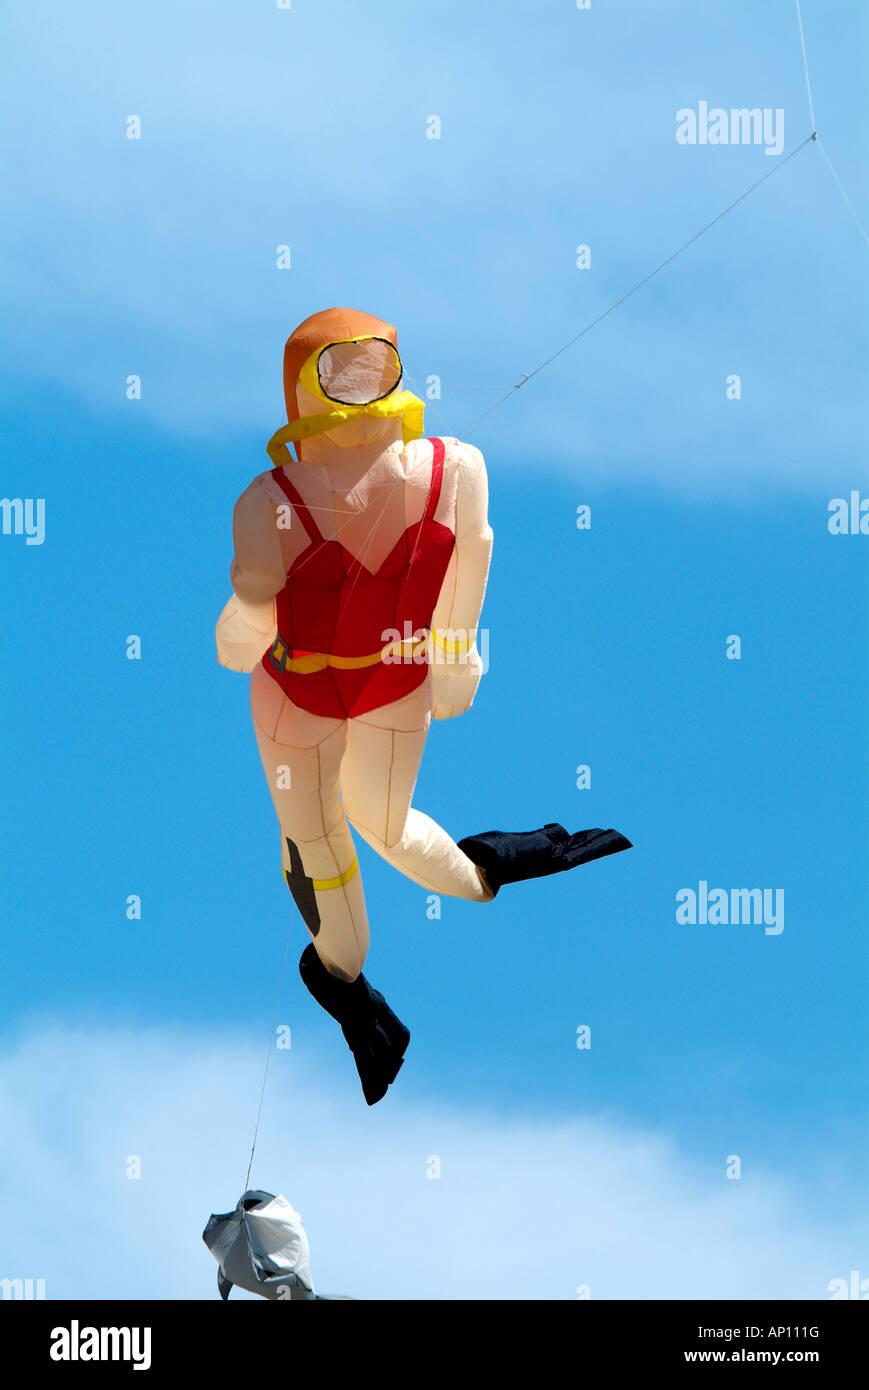 Kite Festival Scuba Diver Snorkle Face Mask Flipper Red Bathing